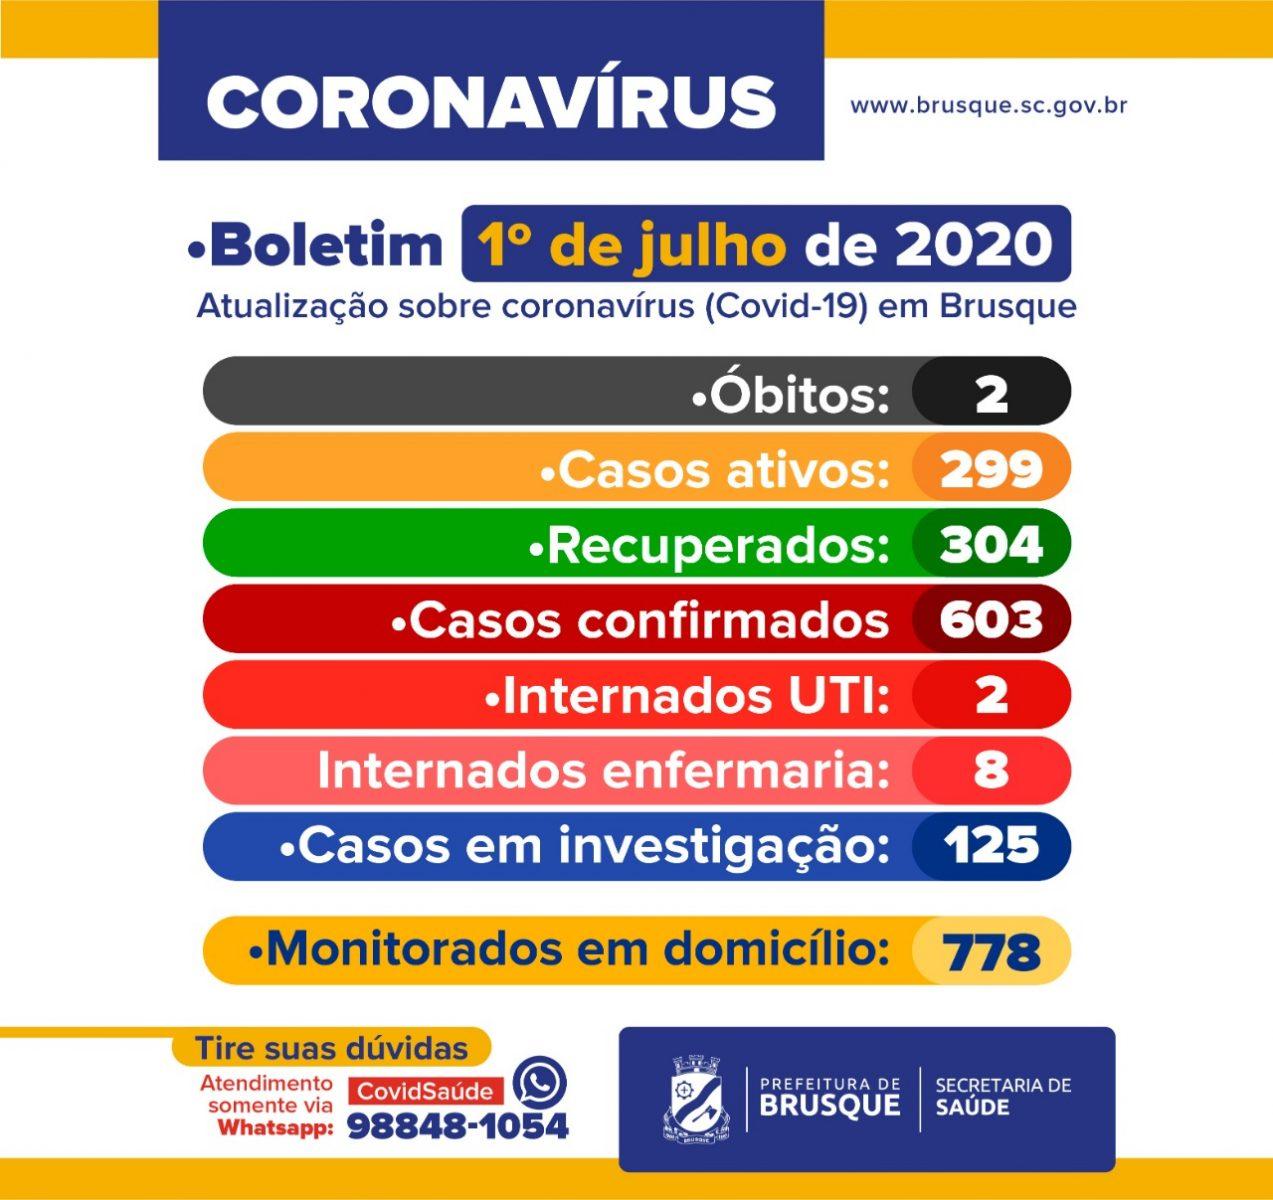 Confira o Boletim Epidemiológico da Prefeitura de Brusque desta quarta-feira (01)